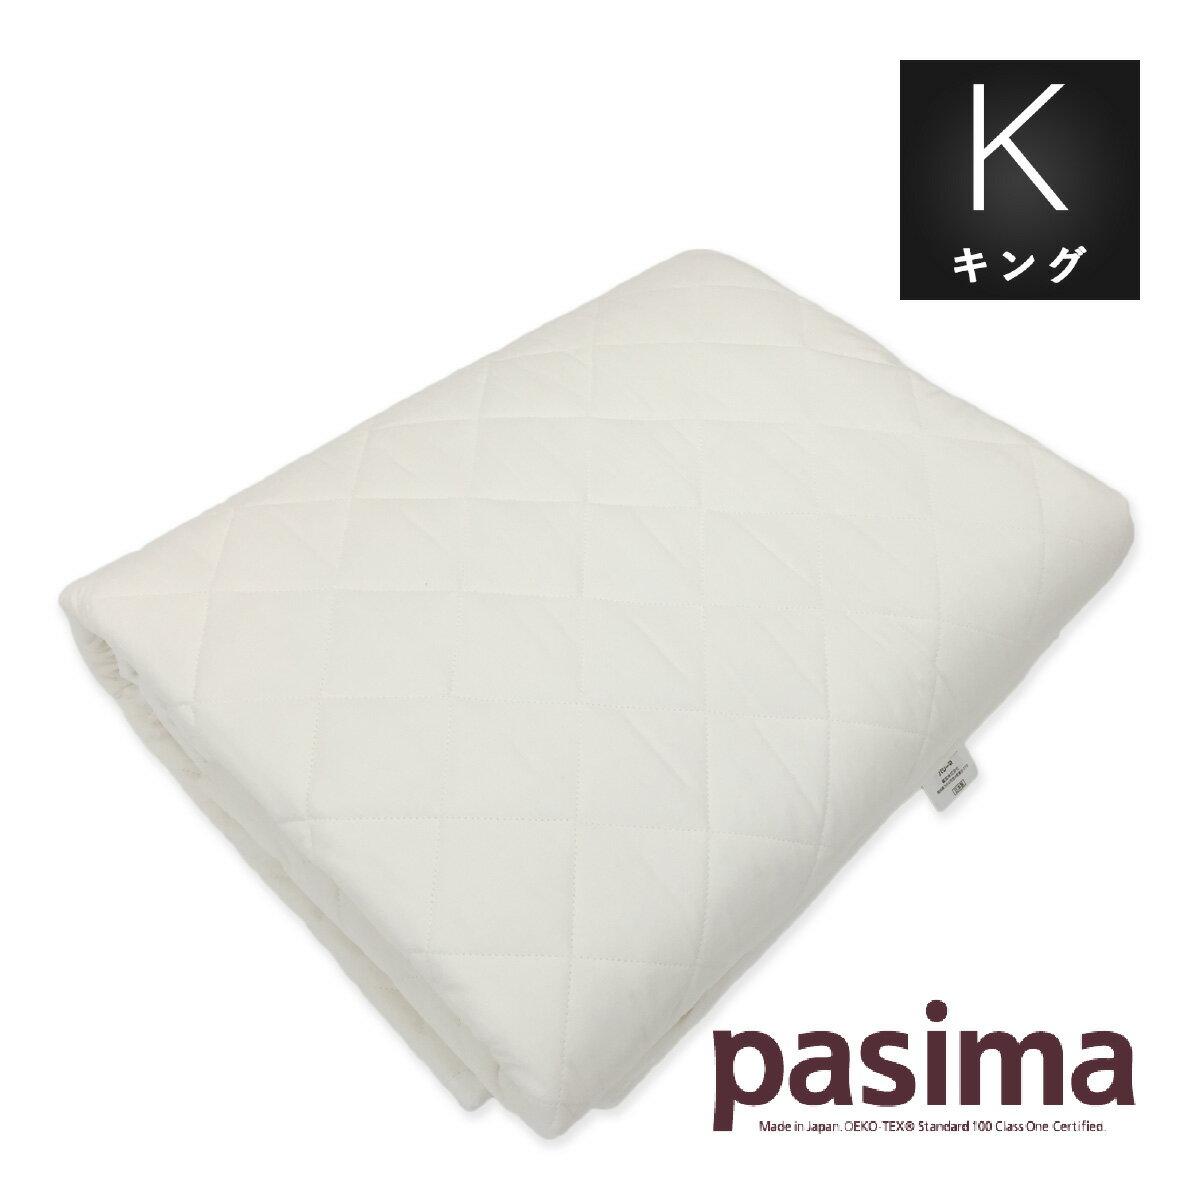 パシーマ パットシーツ敷きパッドタイプ シーツきなり キングロング 198×210cm